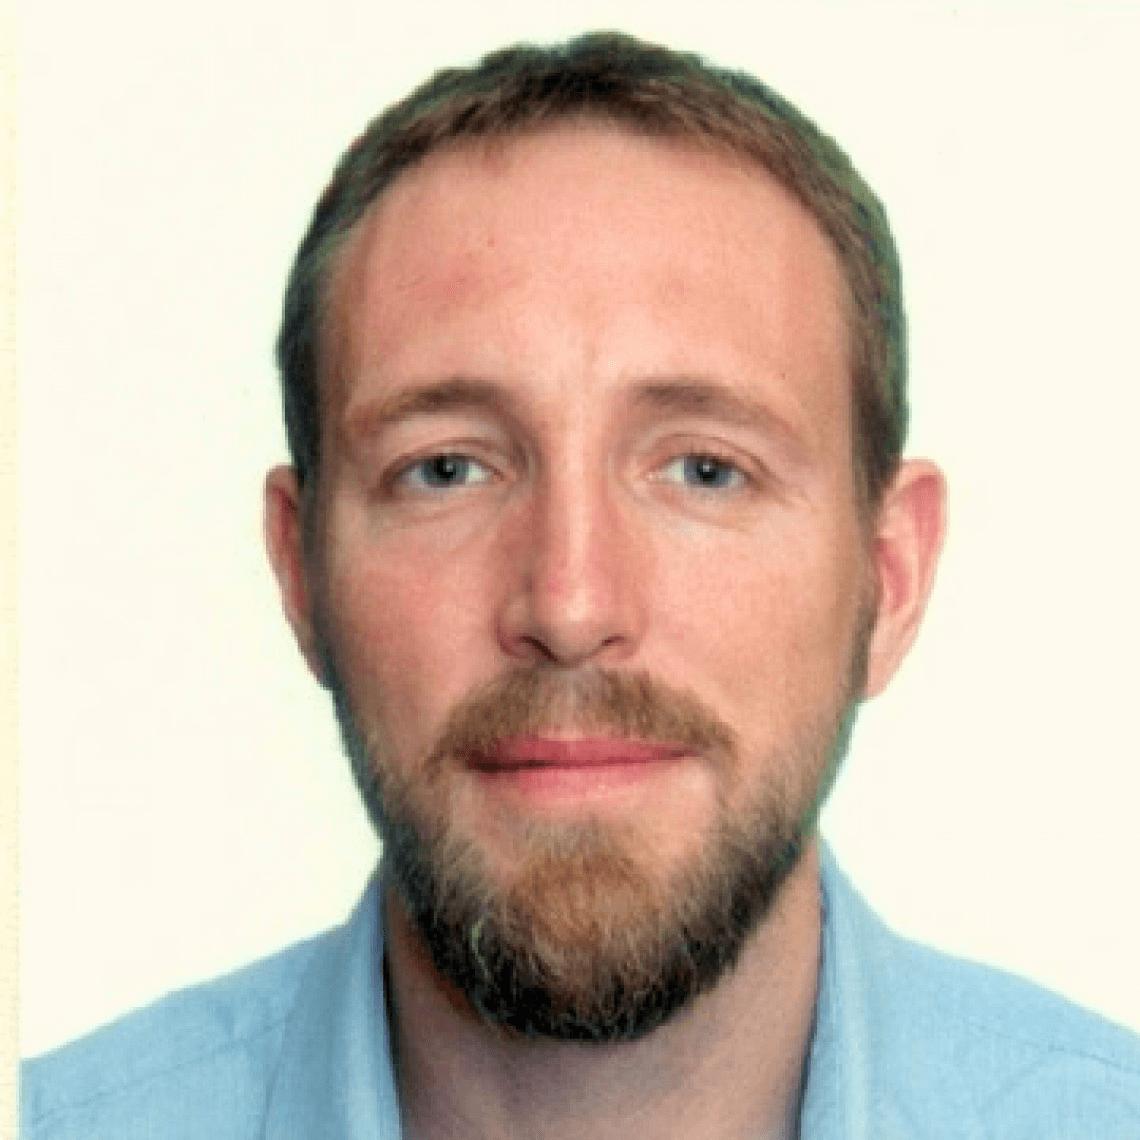 JORDI SURROCA